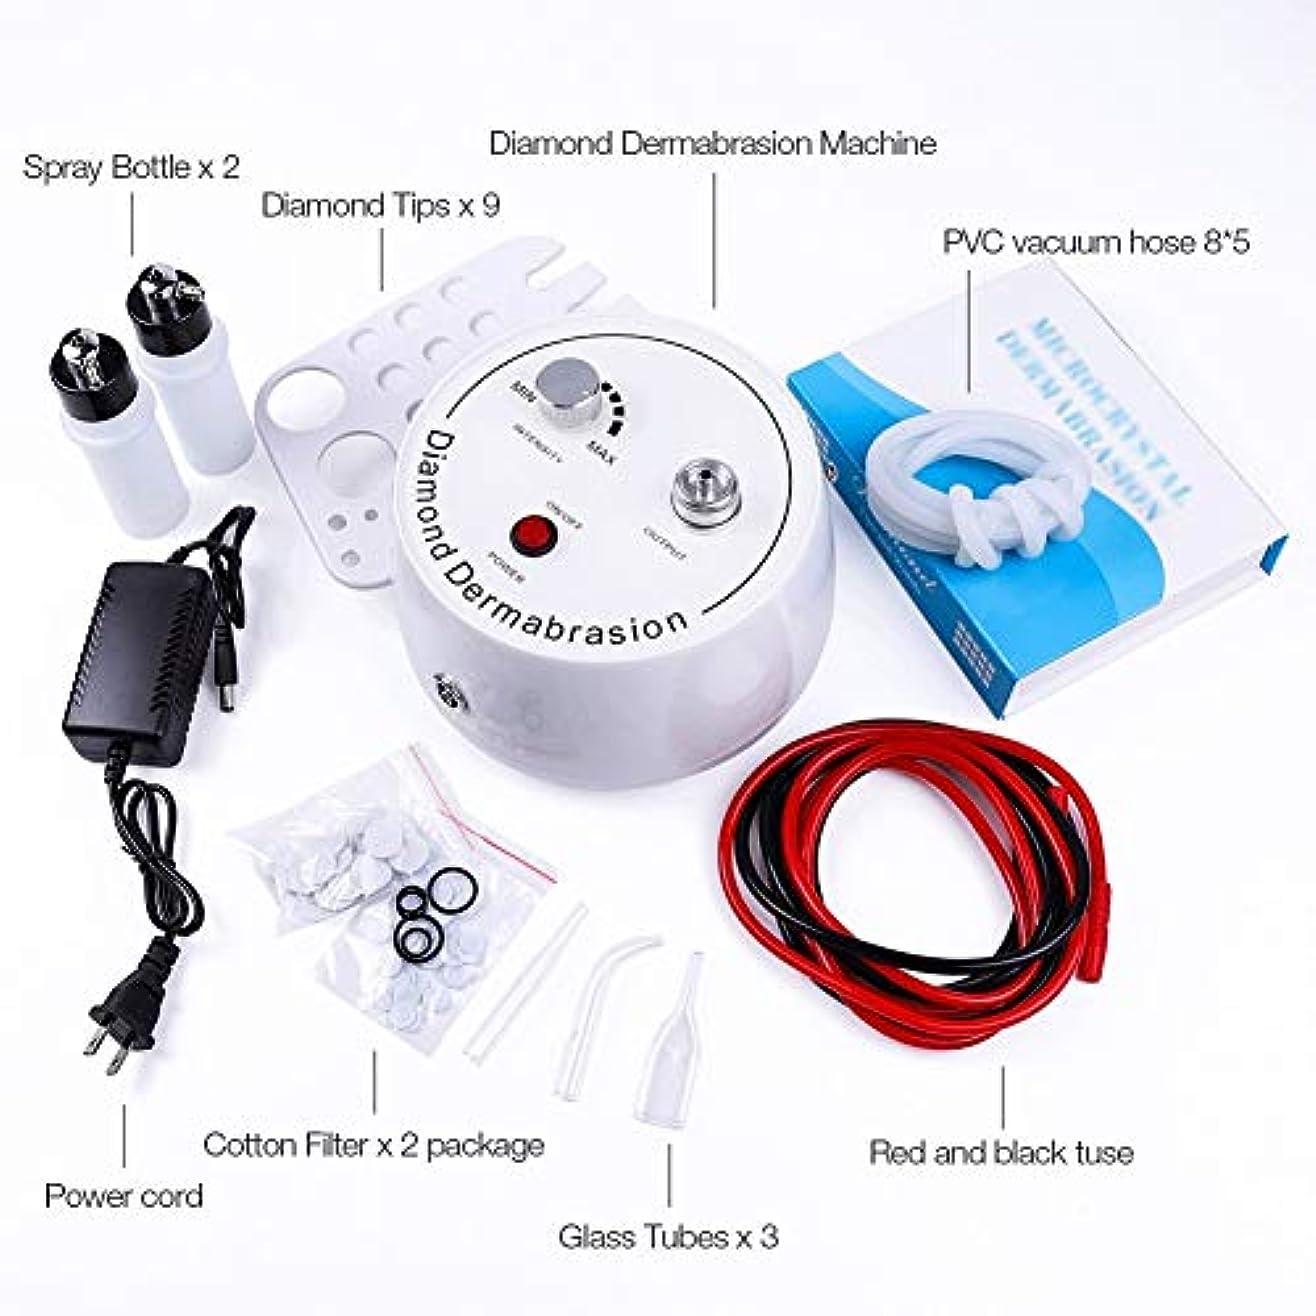 について誇張するアクション美容機 - 3 In1とダイヤモンドマイクロダーマブレーション皮膚剥離機水が剥離除去リンクル美容機器スプレー